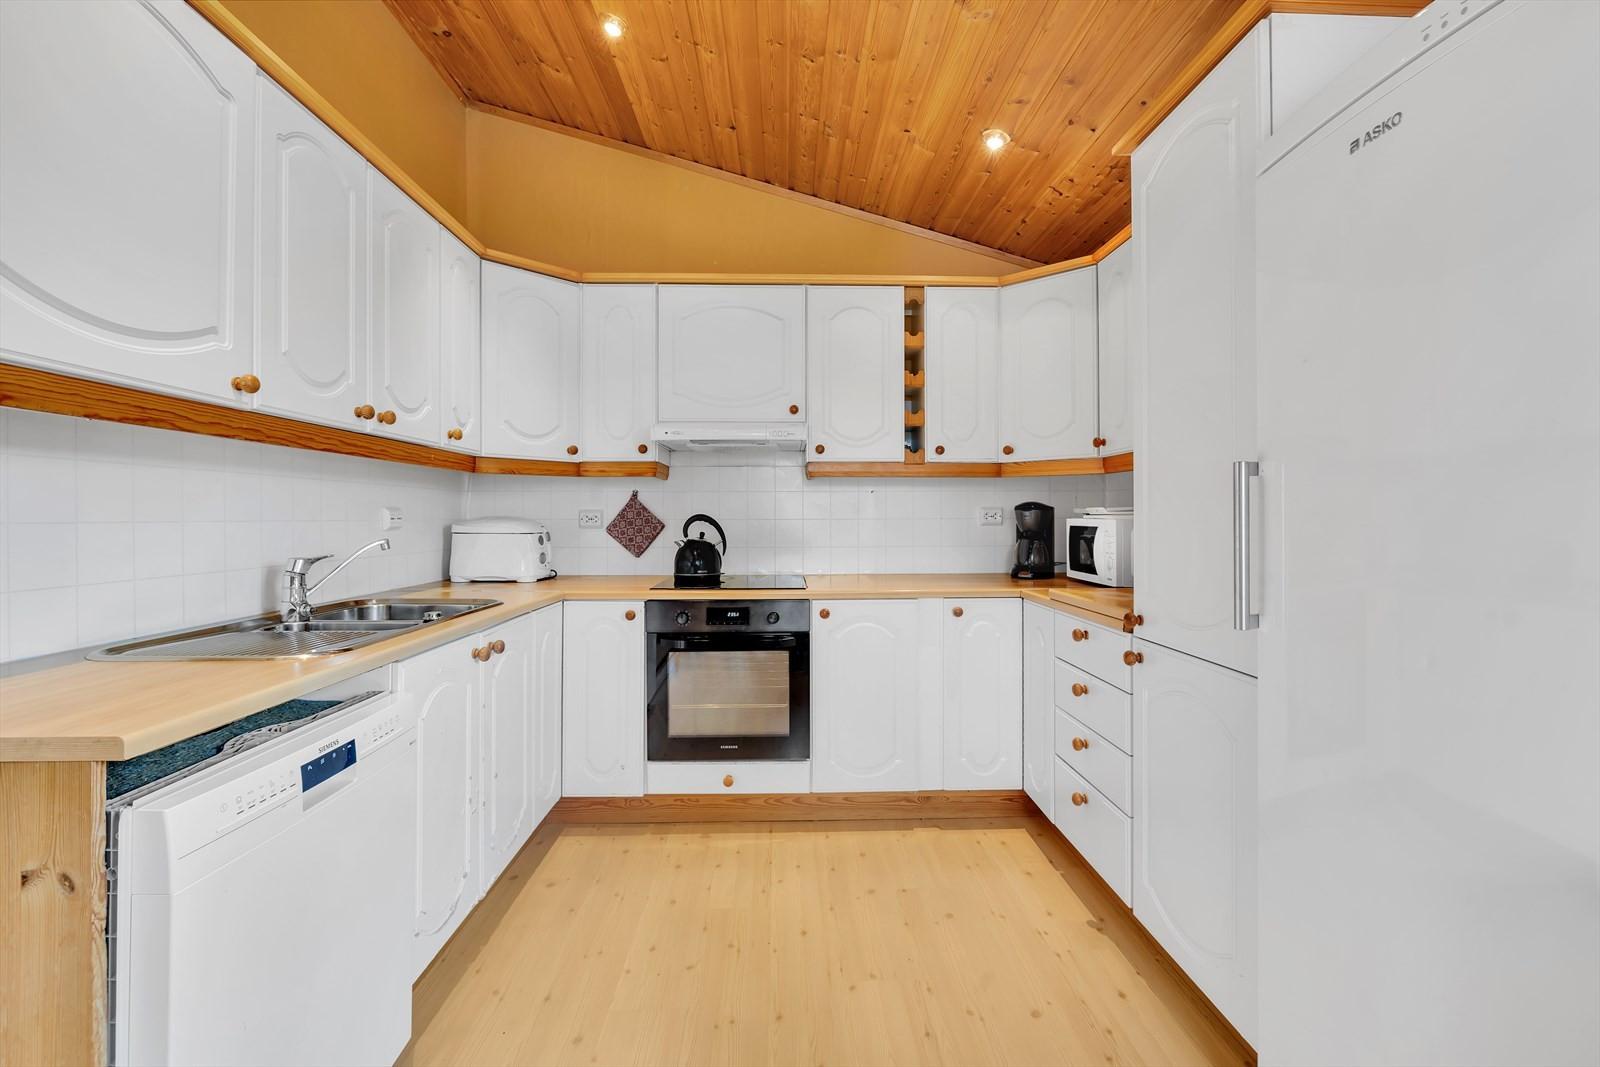 Innholdsrikt kjøkken med god skapplass.